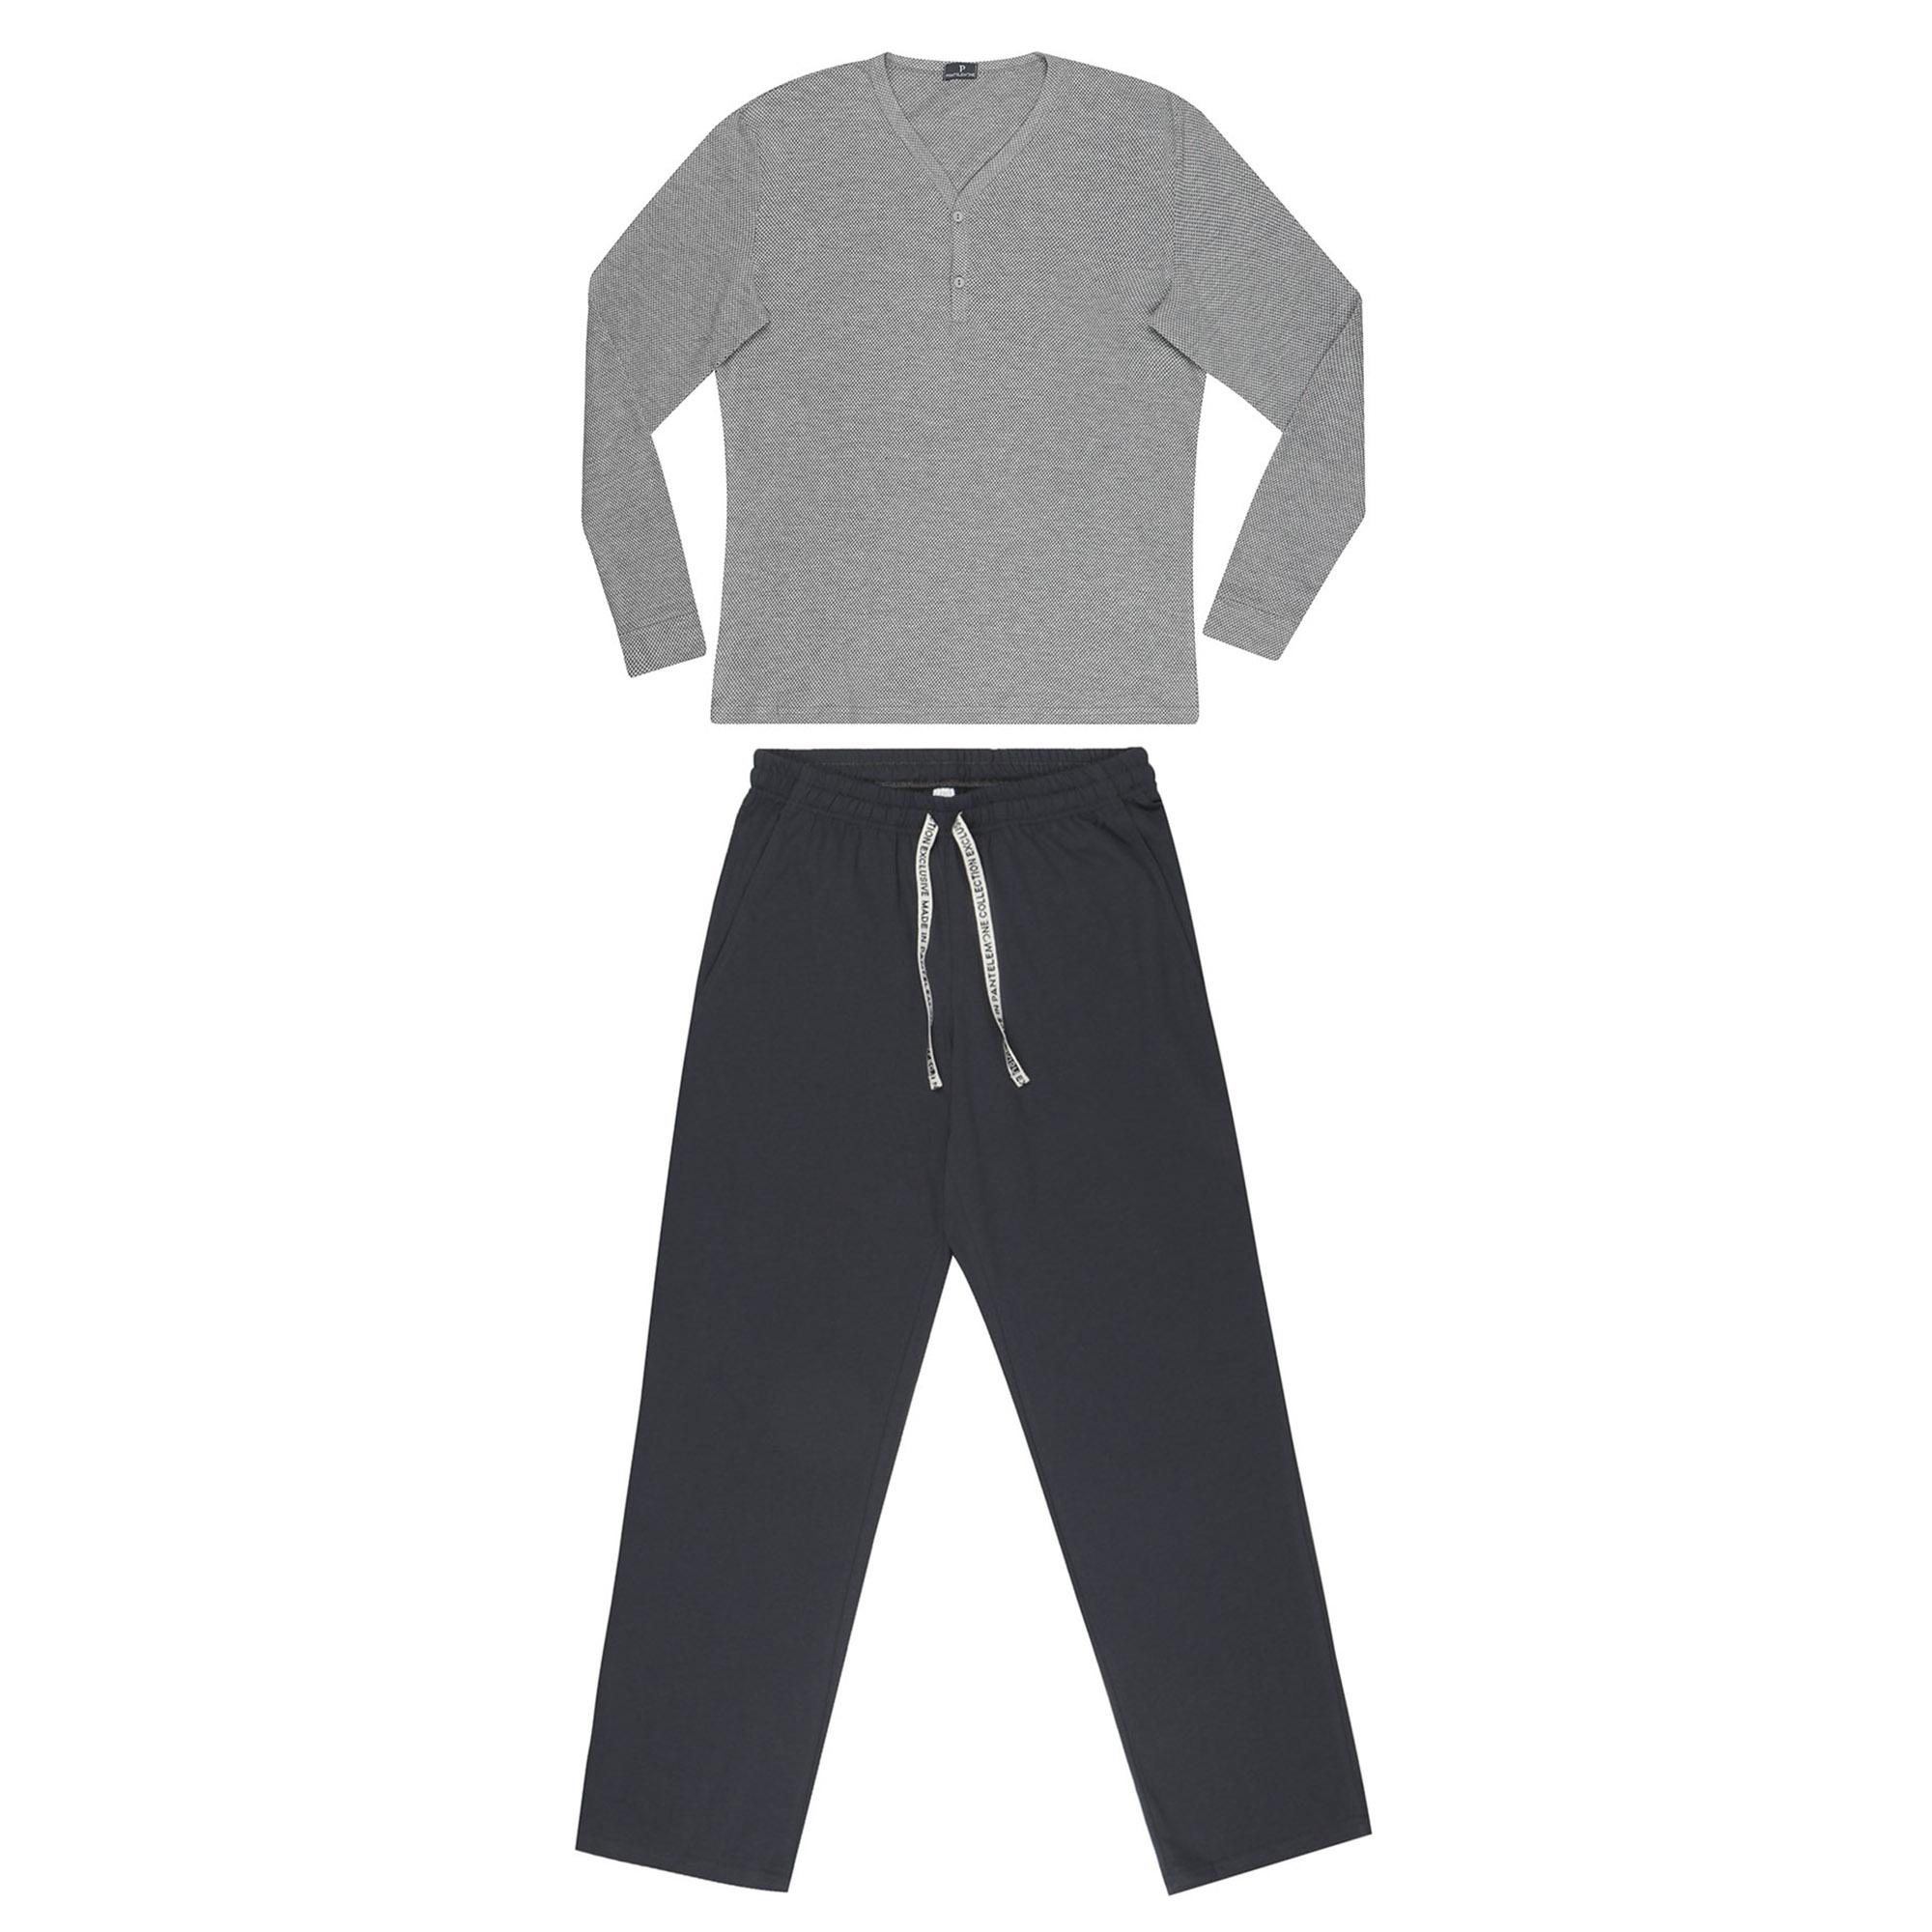 комплект домашний мужской vienetta s secret league капри футболка цвет сапфировый 711124 3286 размер 50 xl Домашний мужской комплект Pantelemone со штанами 54 серый